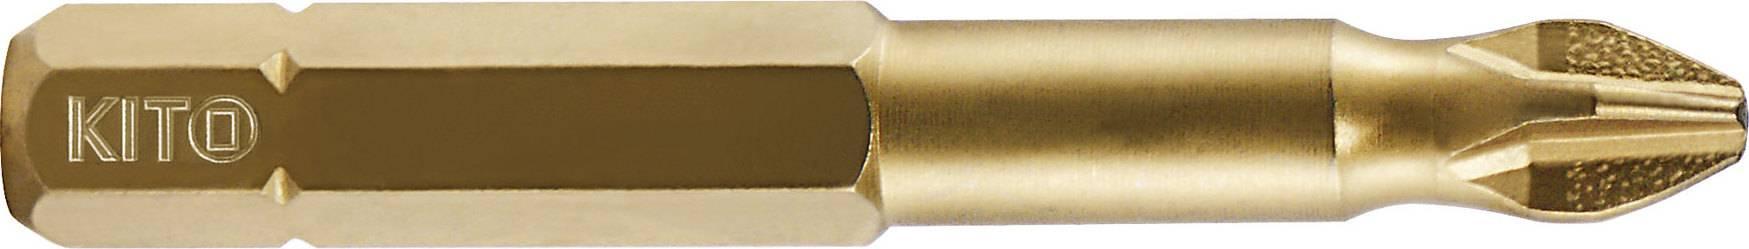 hrot, PH 2x50mm, S2/TiN 4821102 KITO